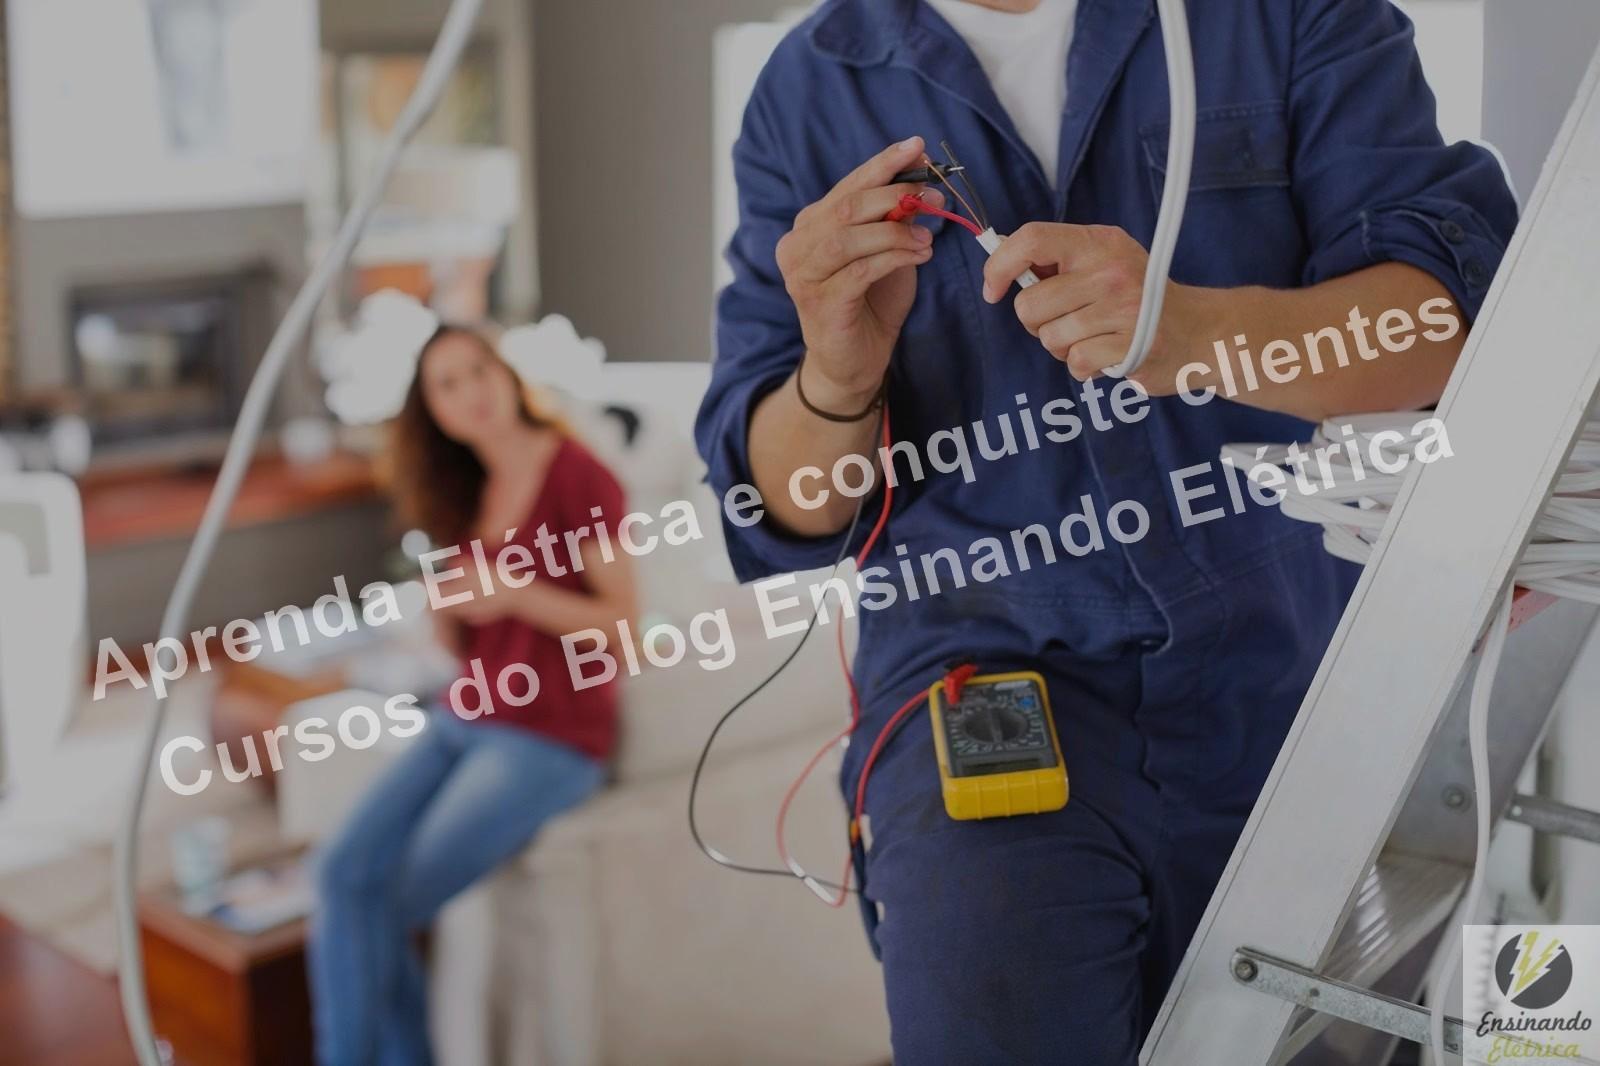 Se você é um principiante em elétrica recomendamos o curso para eletricista iniciantes.